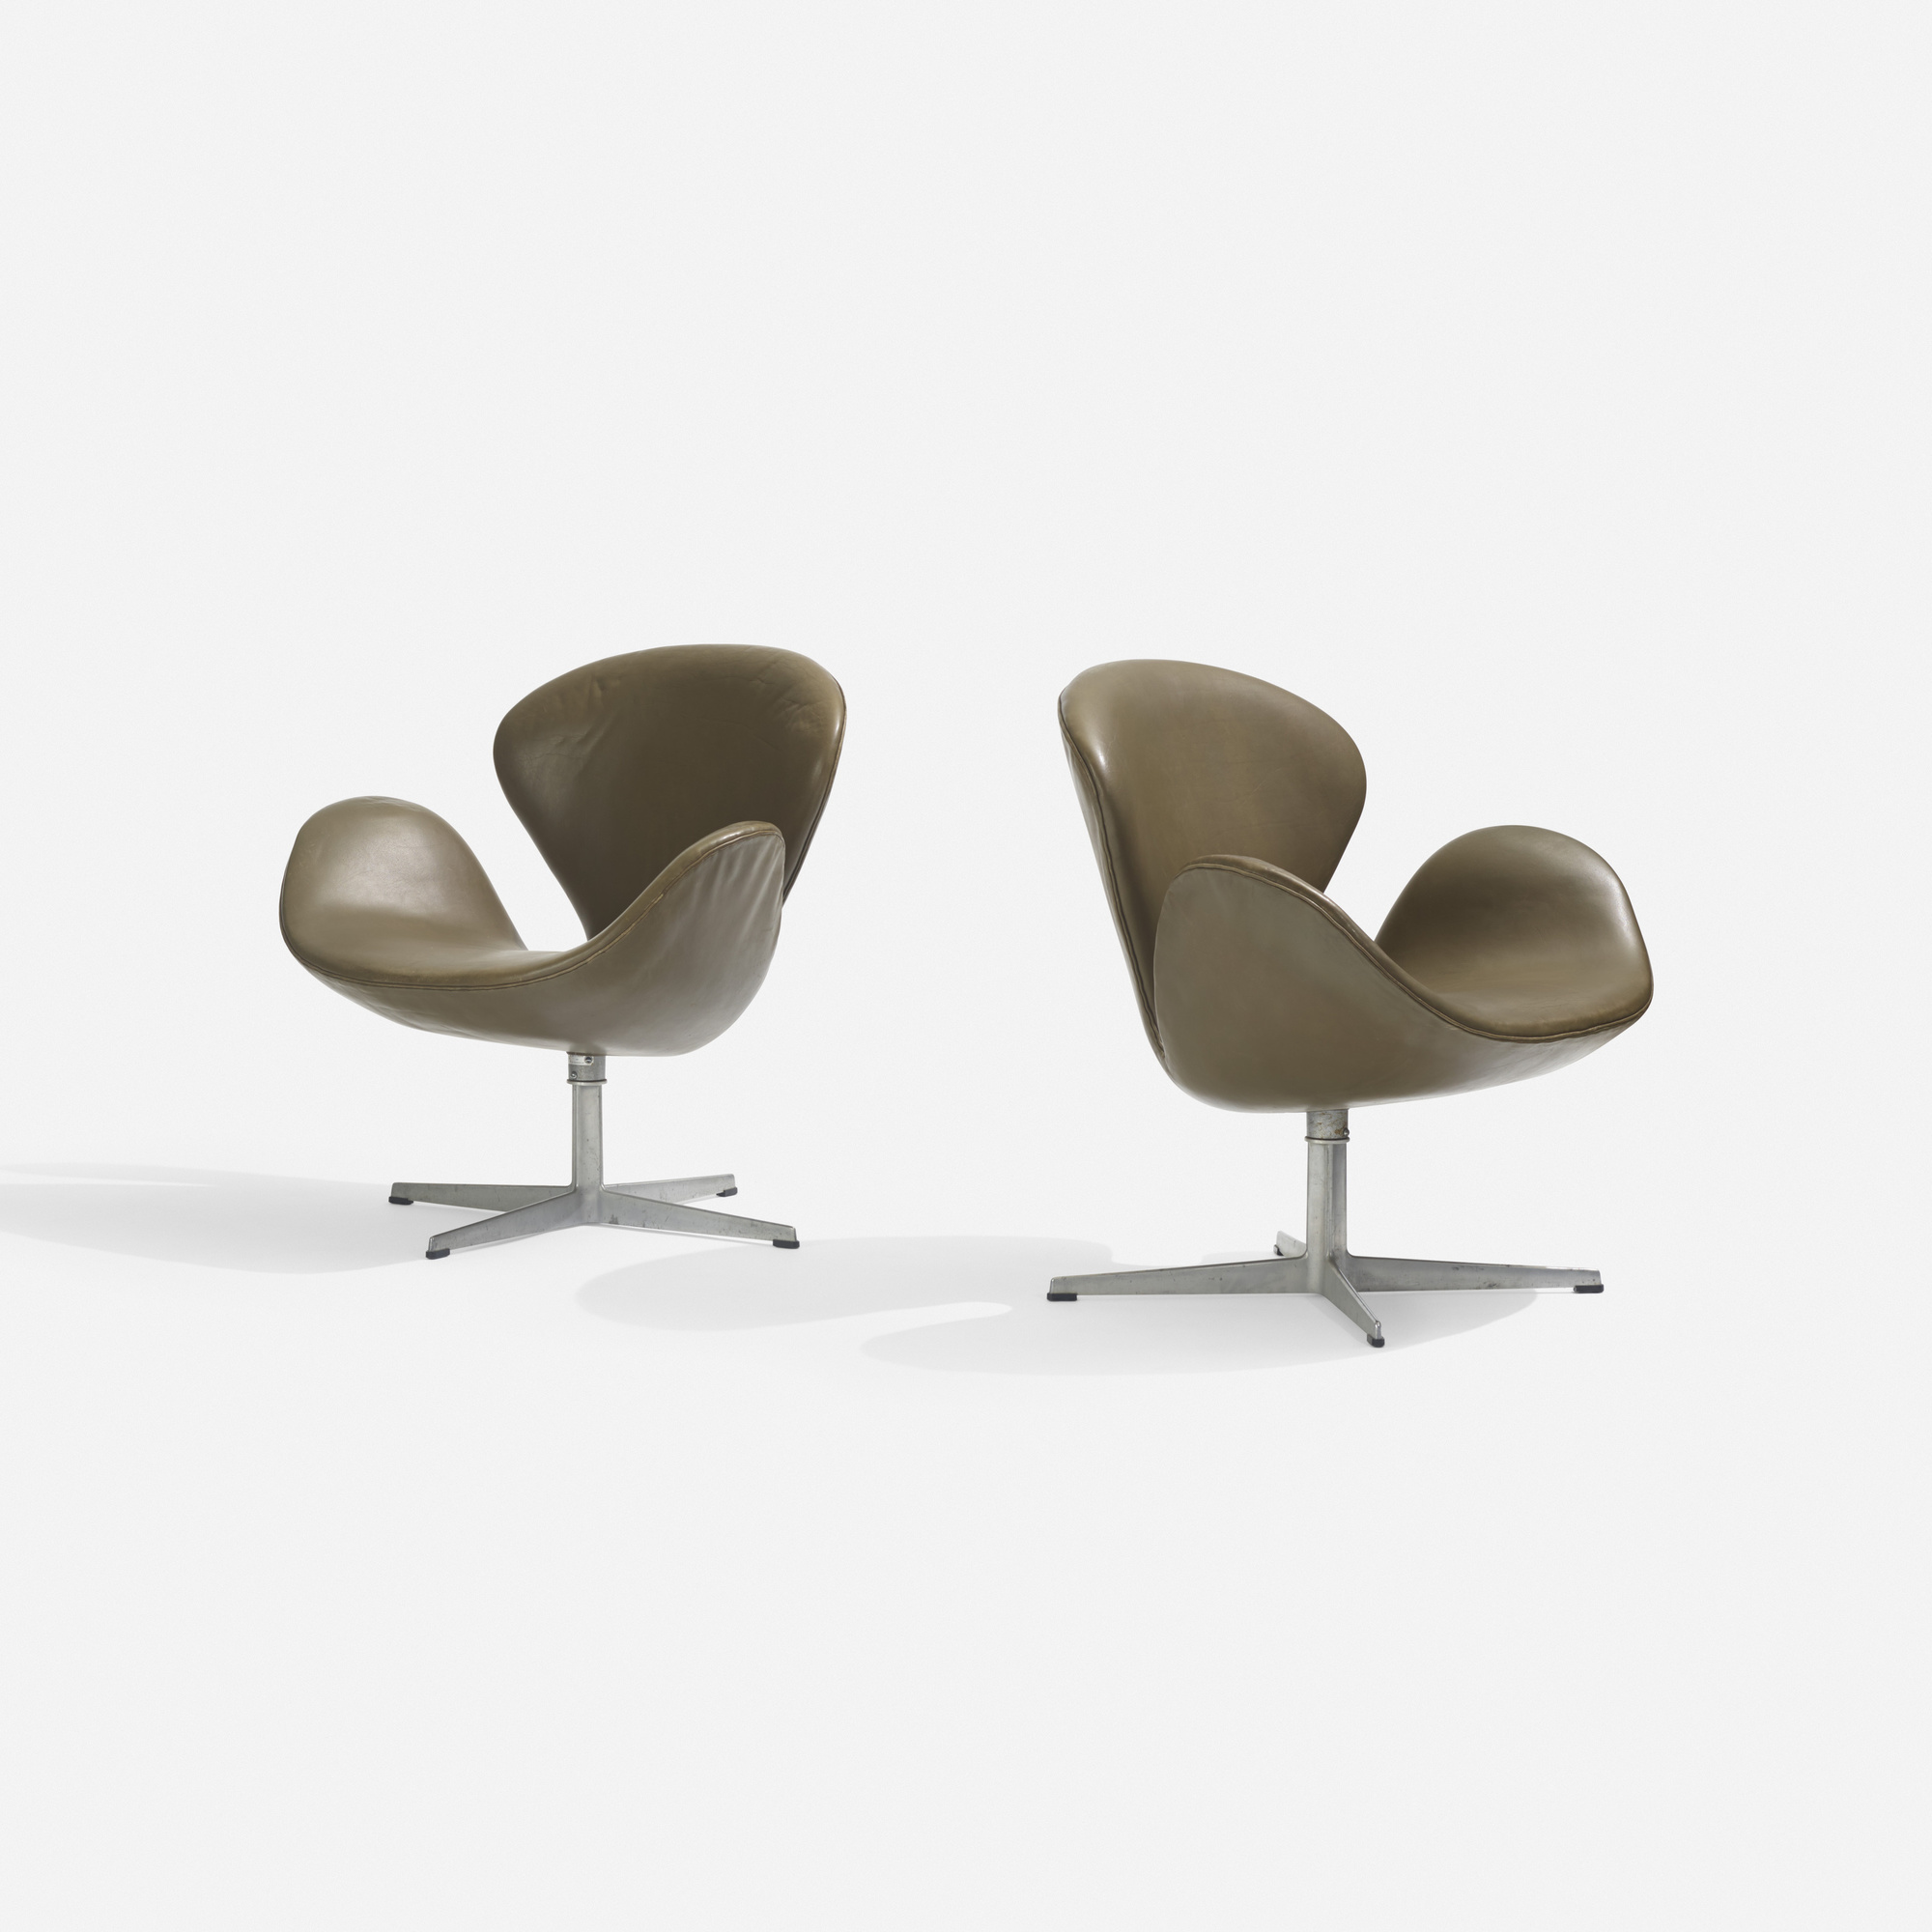 182: Arne Jacobsen / Swan chairs, pair (1 of 3)